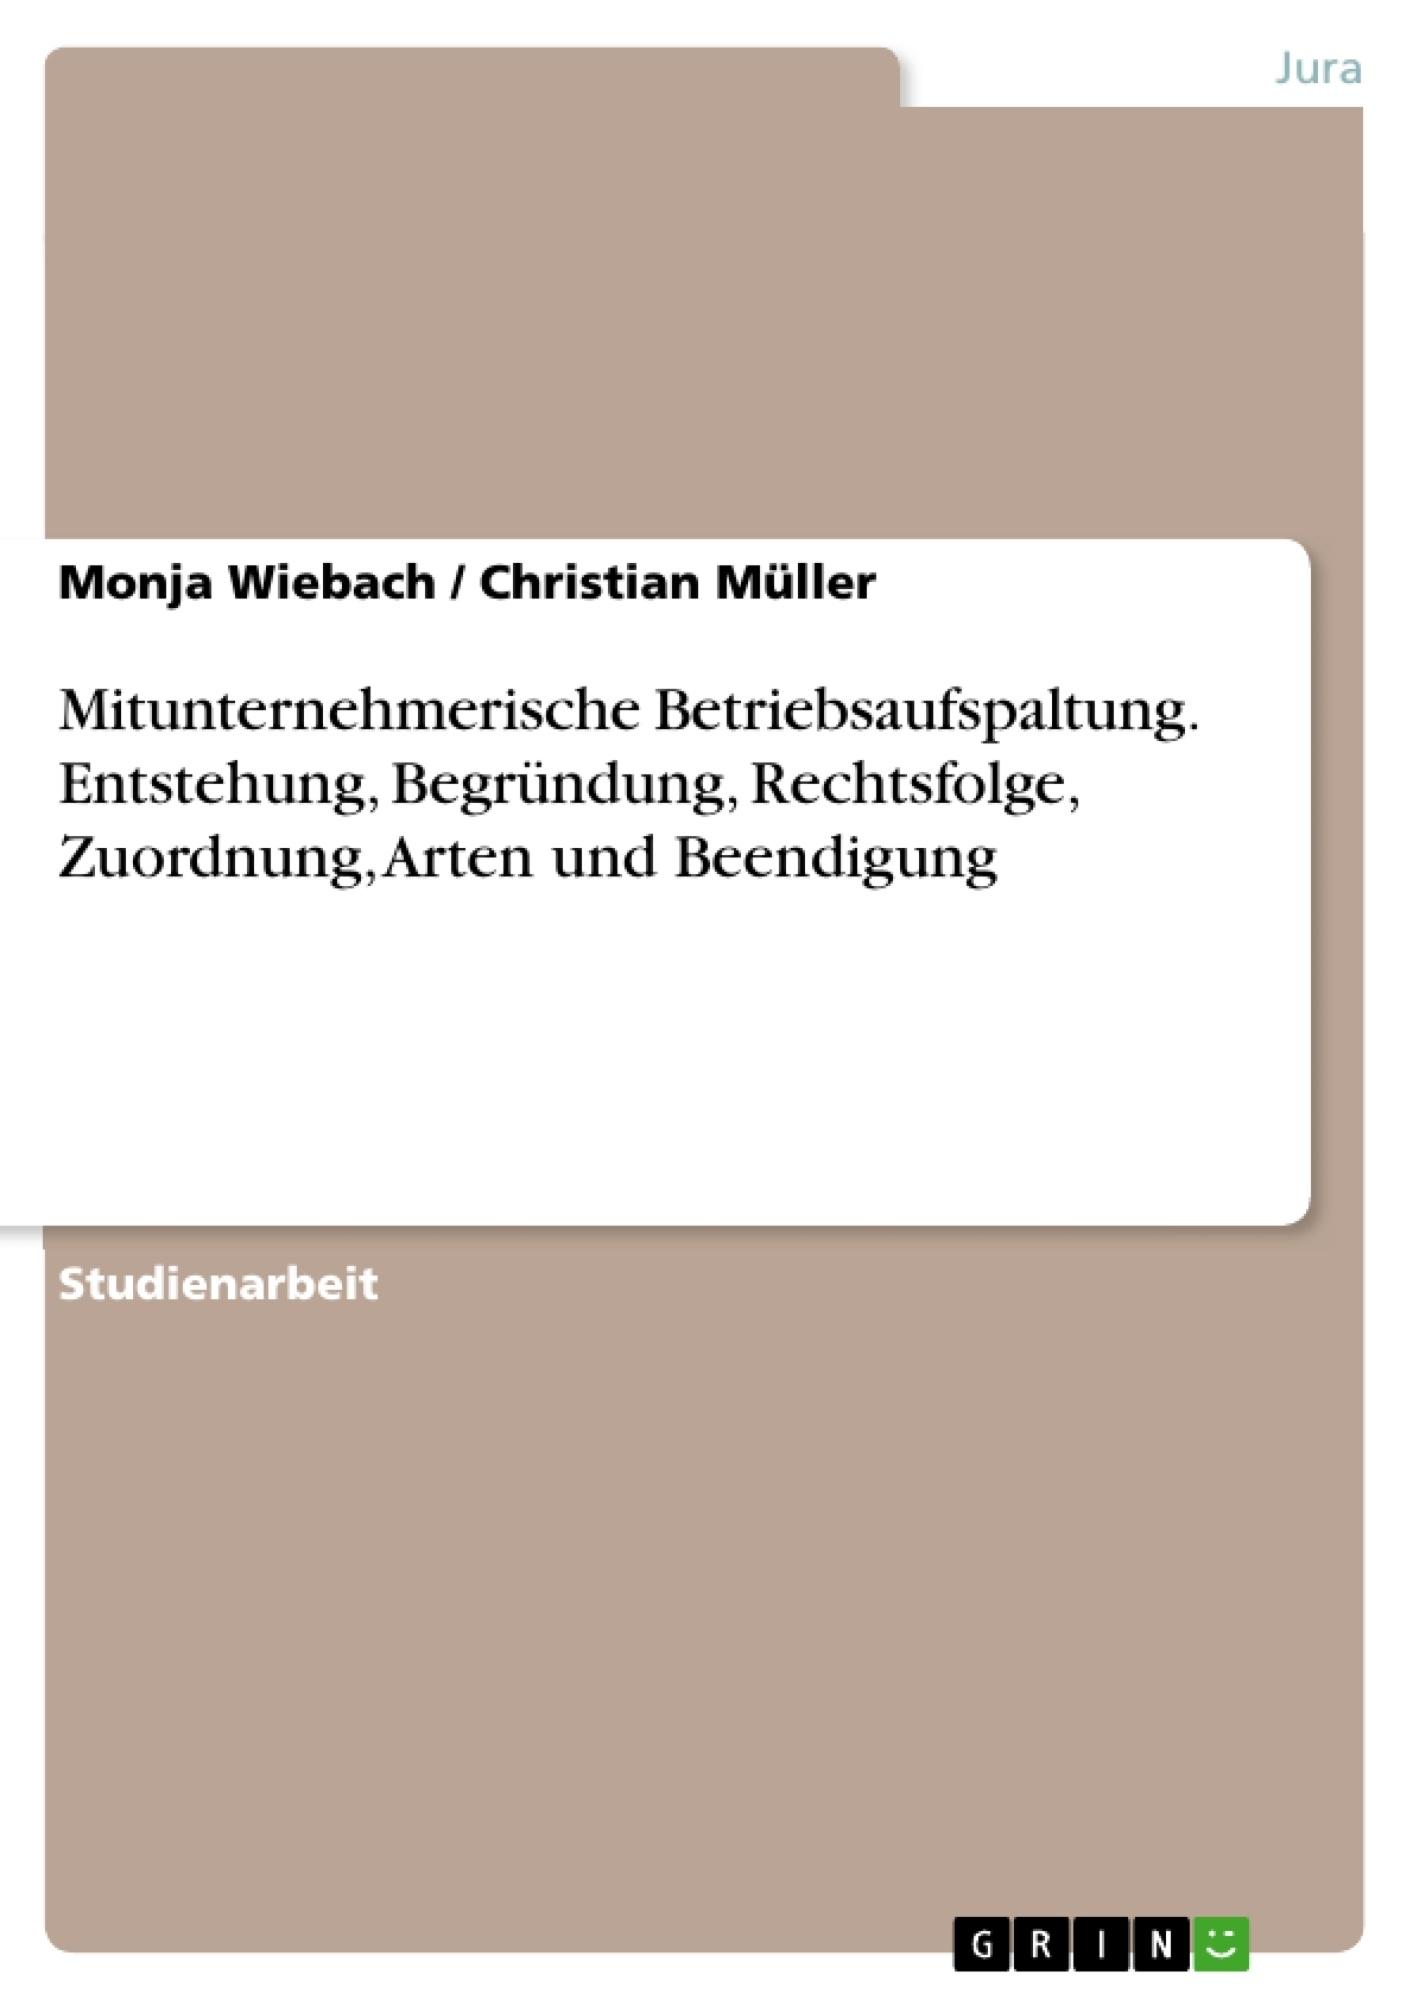 Titel: Mitunternehmerische Betriebsaufspaltung. Entstehung, Begründung, Rechtsfolge, Zuordnung, Arten und Beendigung